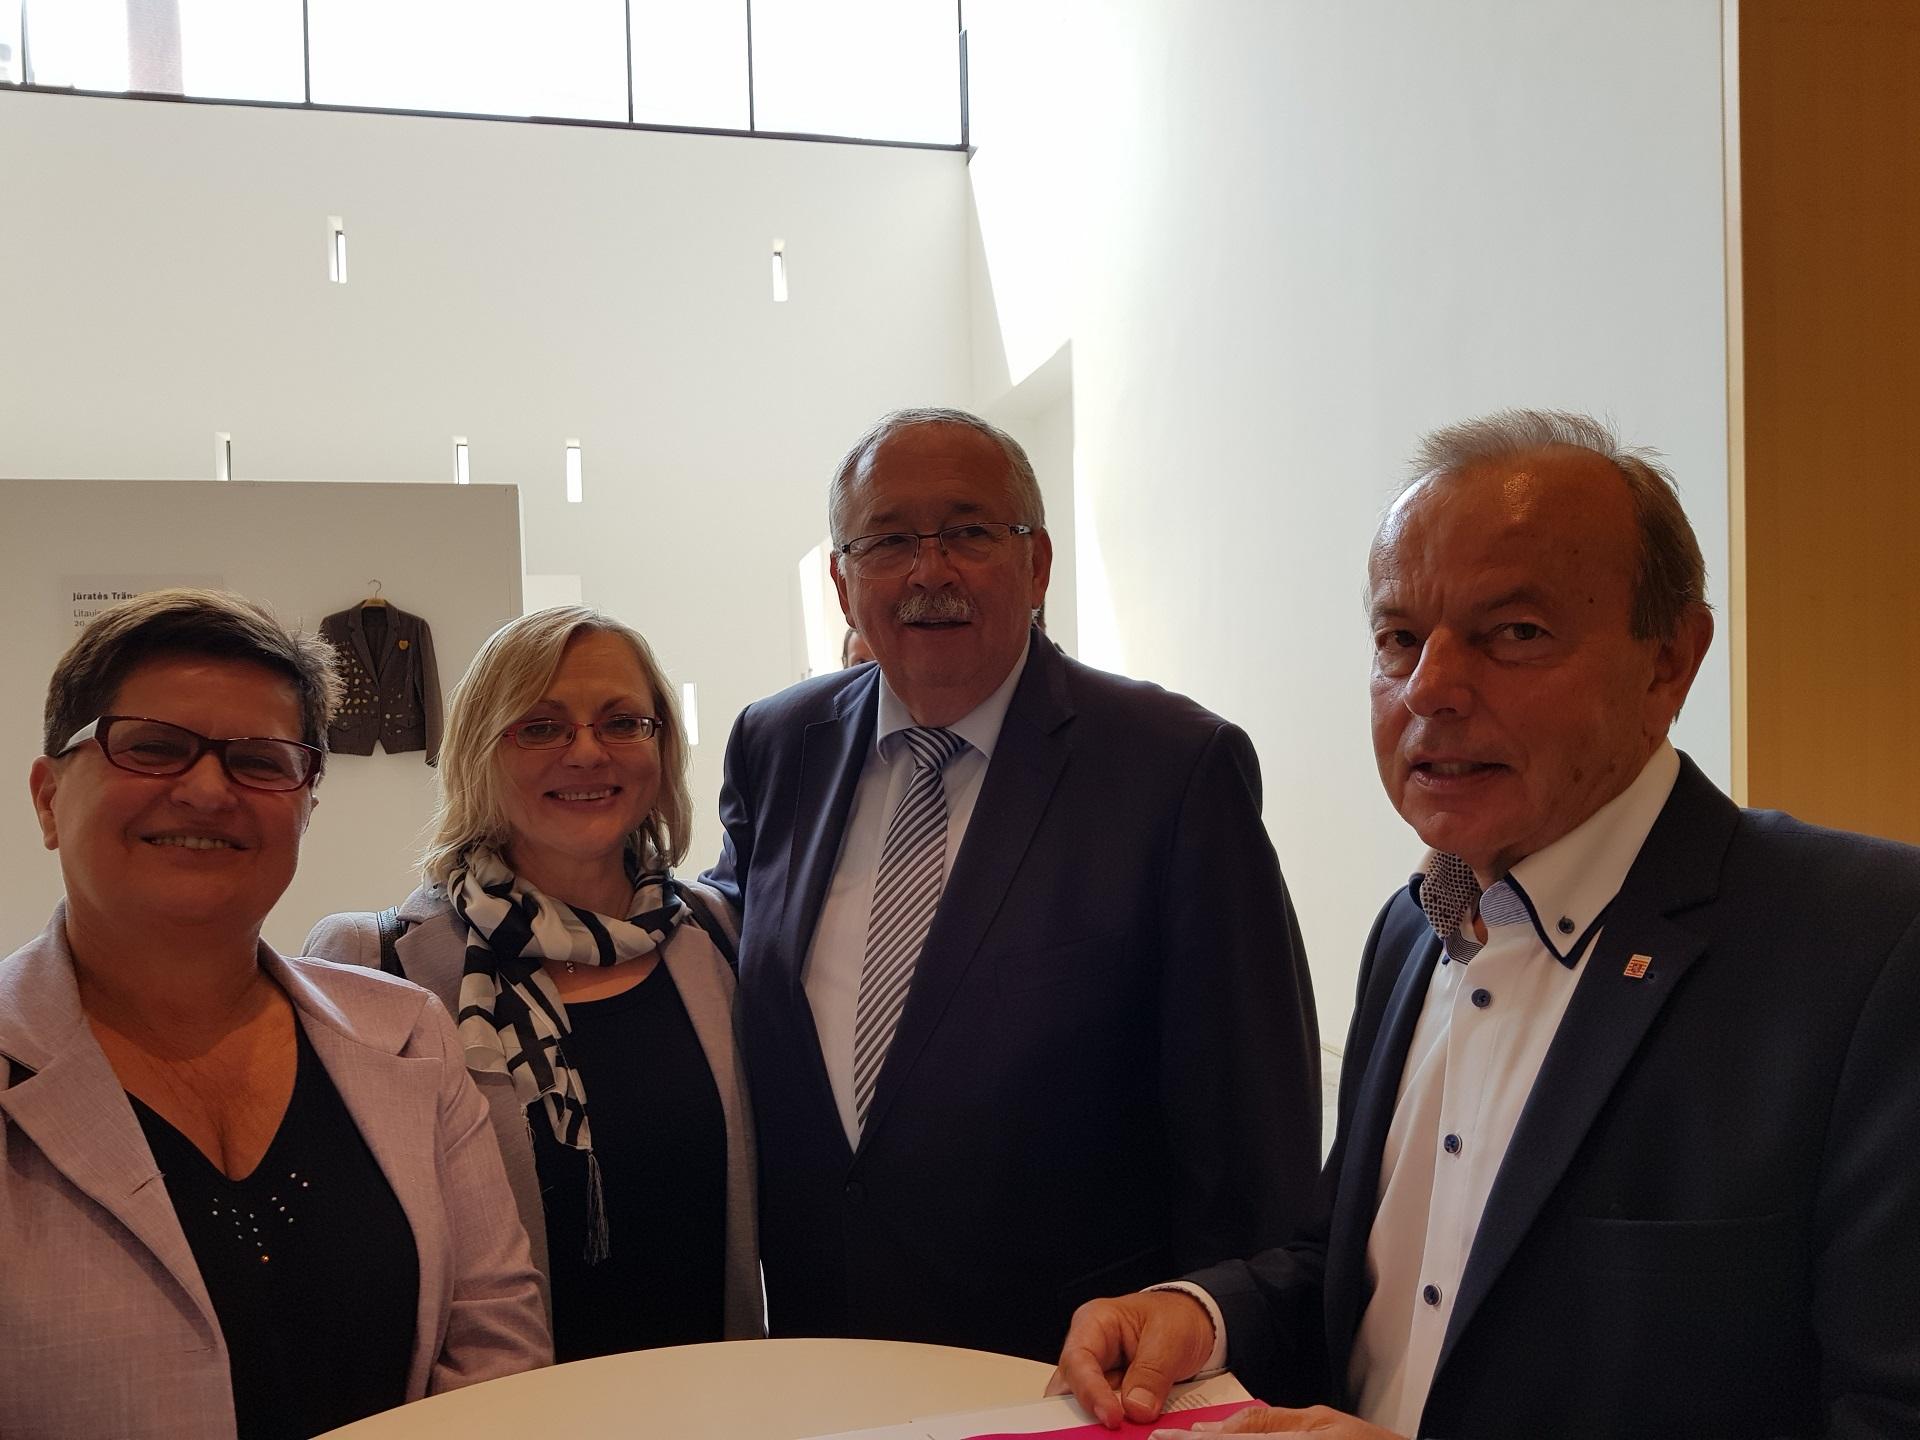 Ausstellung im Hessischen Landtag